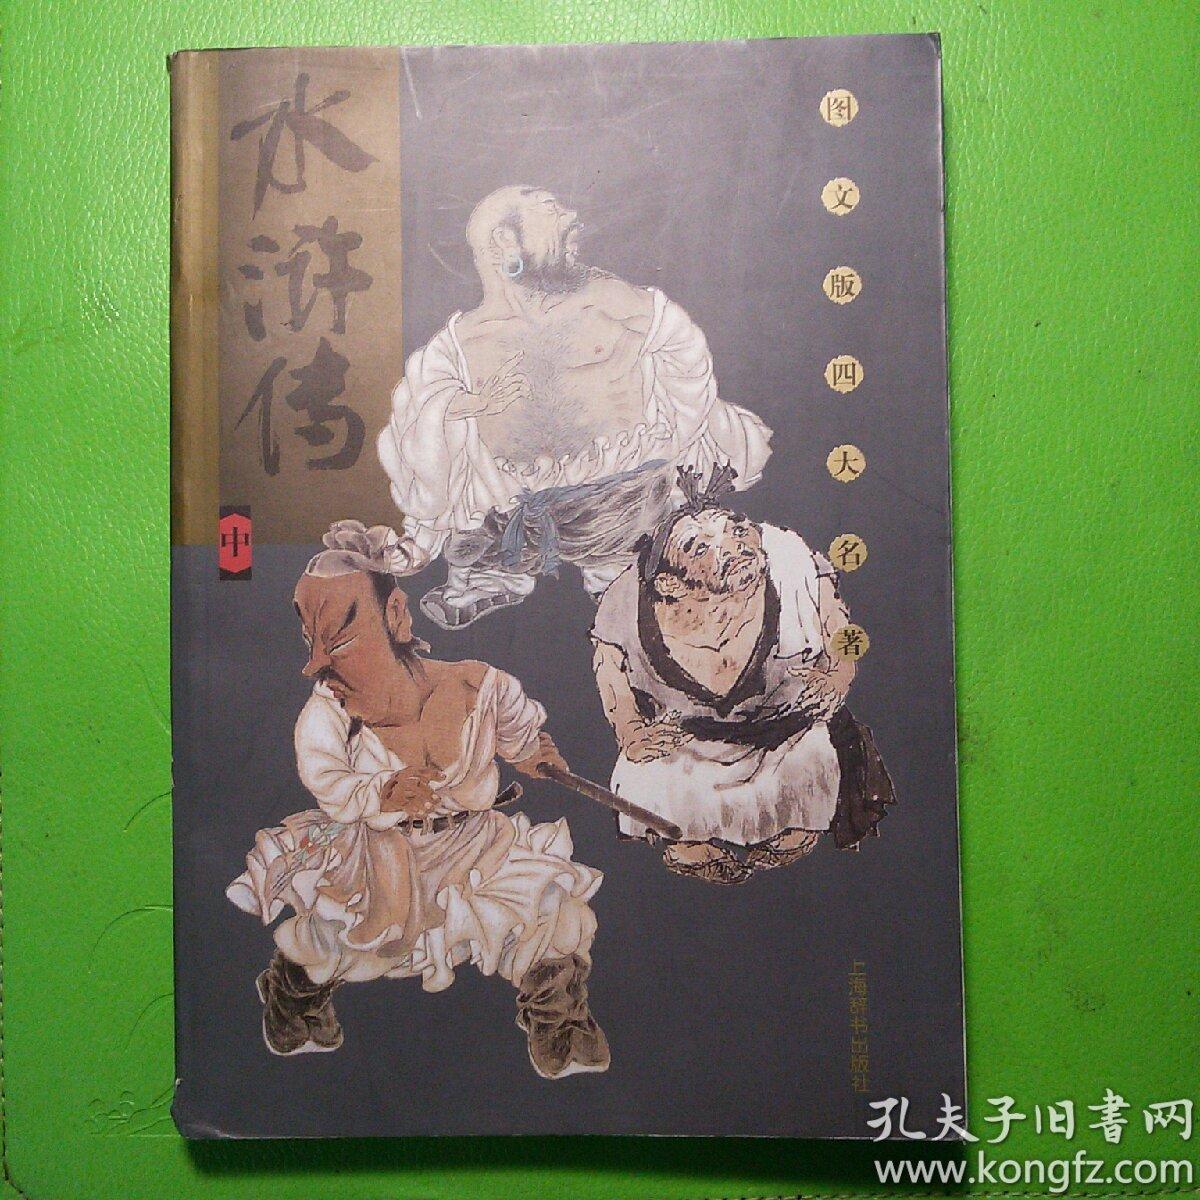 图文版四大名著    水浒传(中)